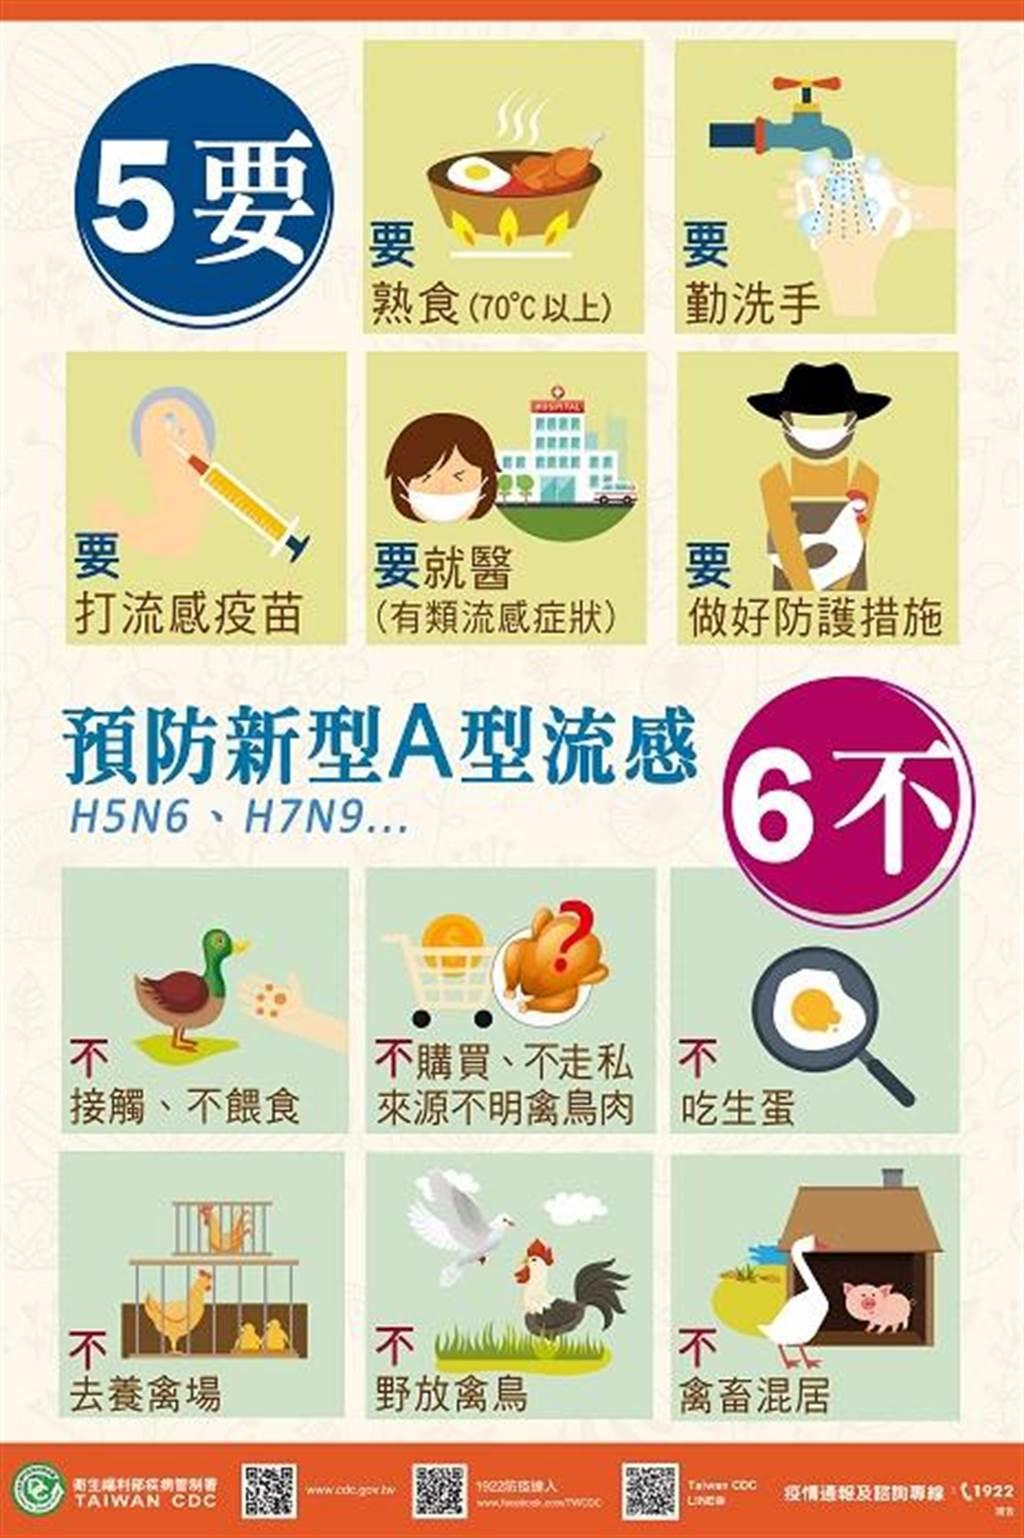 今年首例H7N9流感病例现踪,民眾前往疫区注意「5要6不」的防范之道。(疾管署提供)